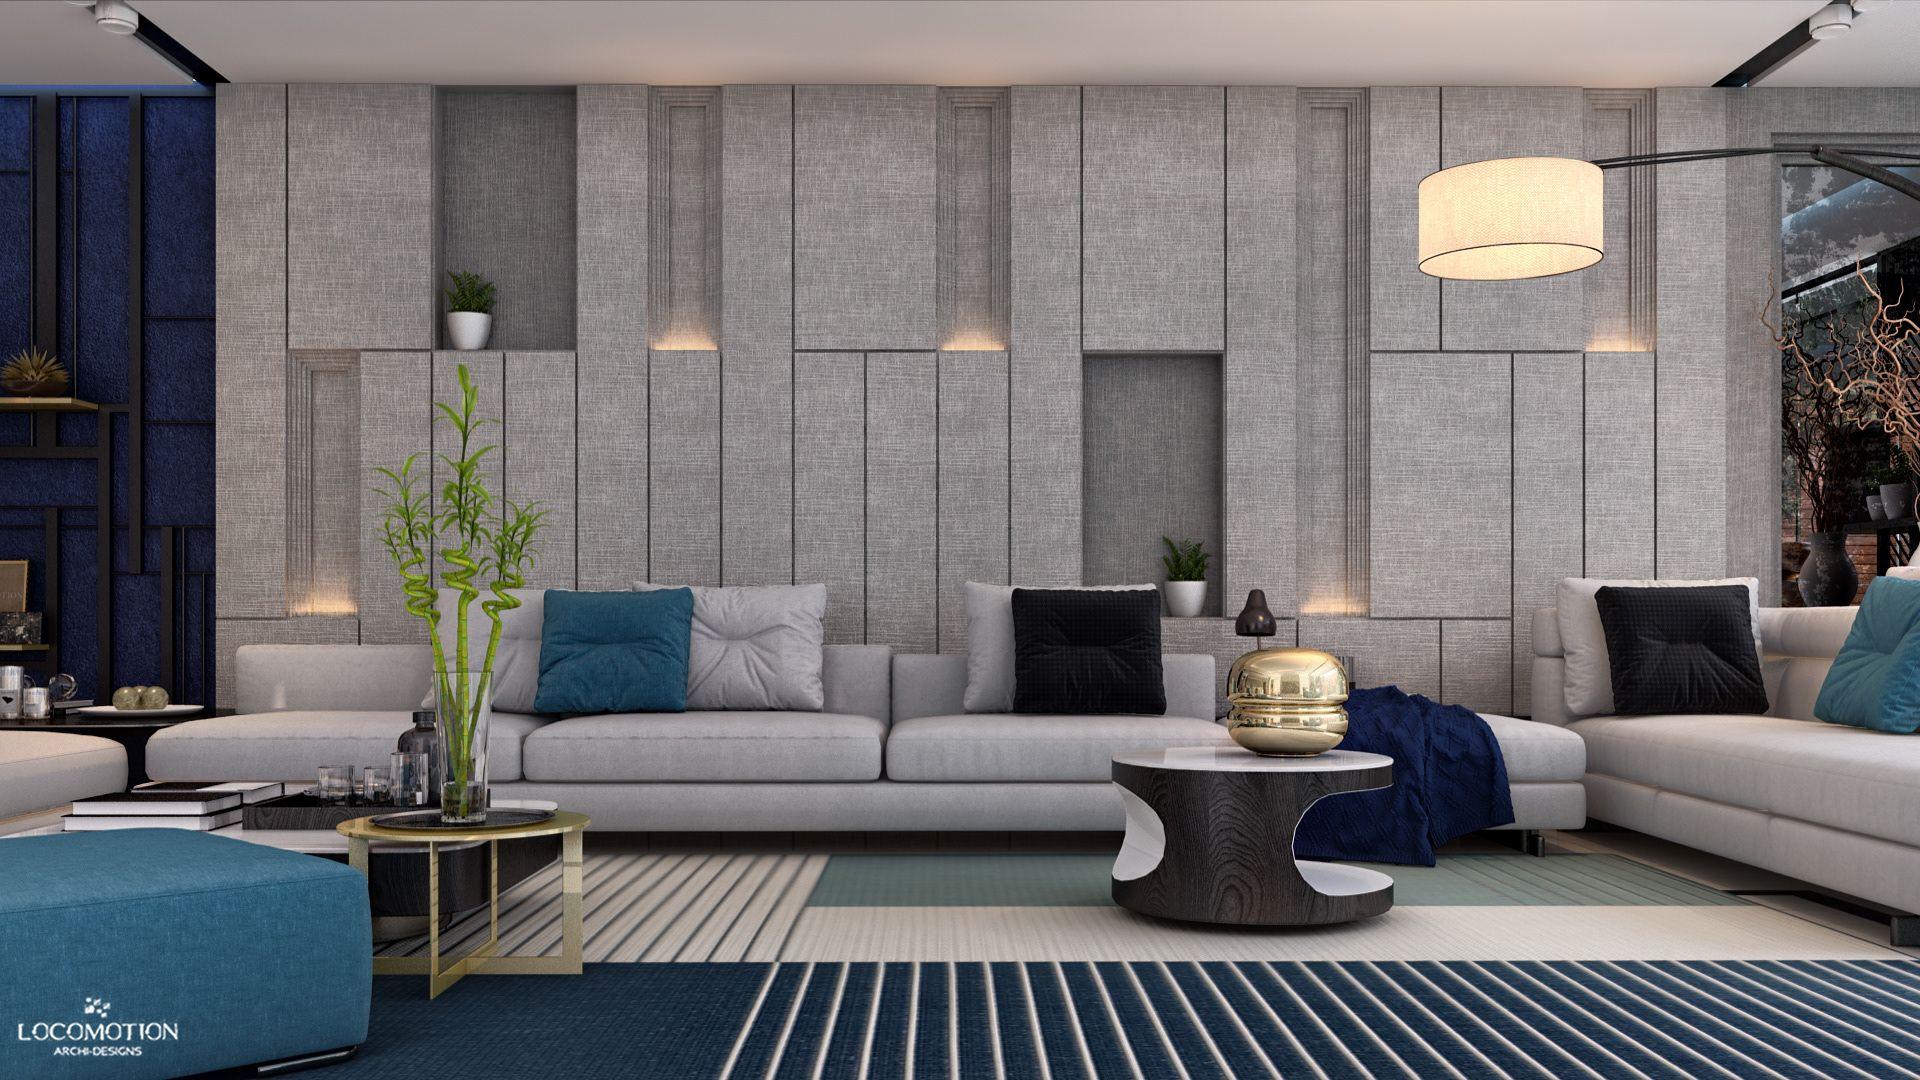 Basement Modern Living On Behance In 2020 Home Room Design Living Room Designs Urban Living